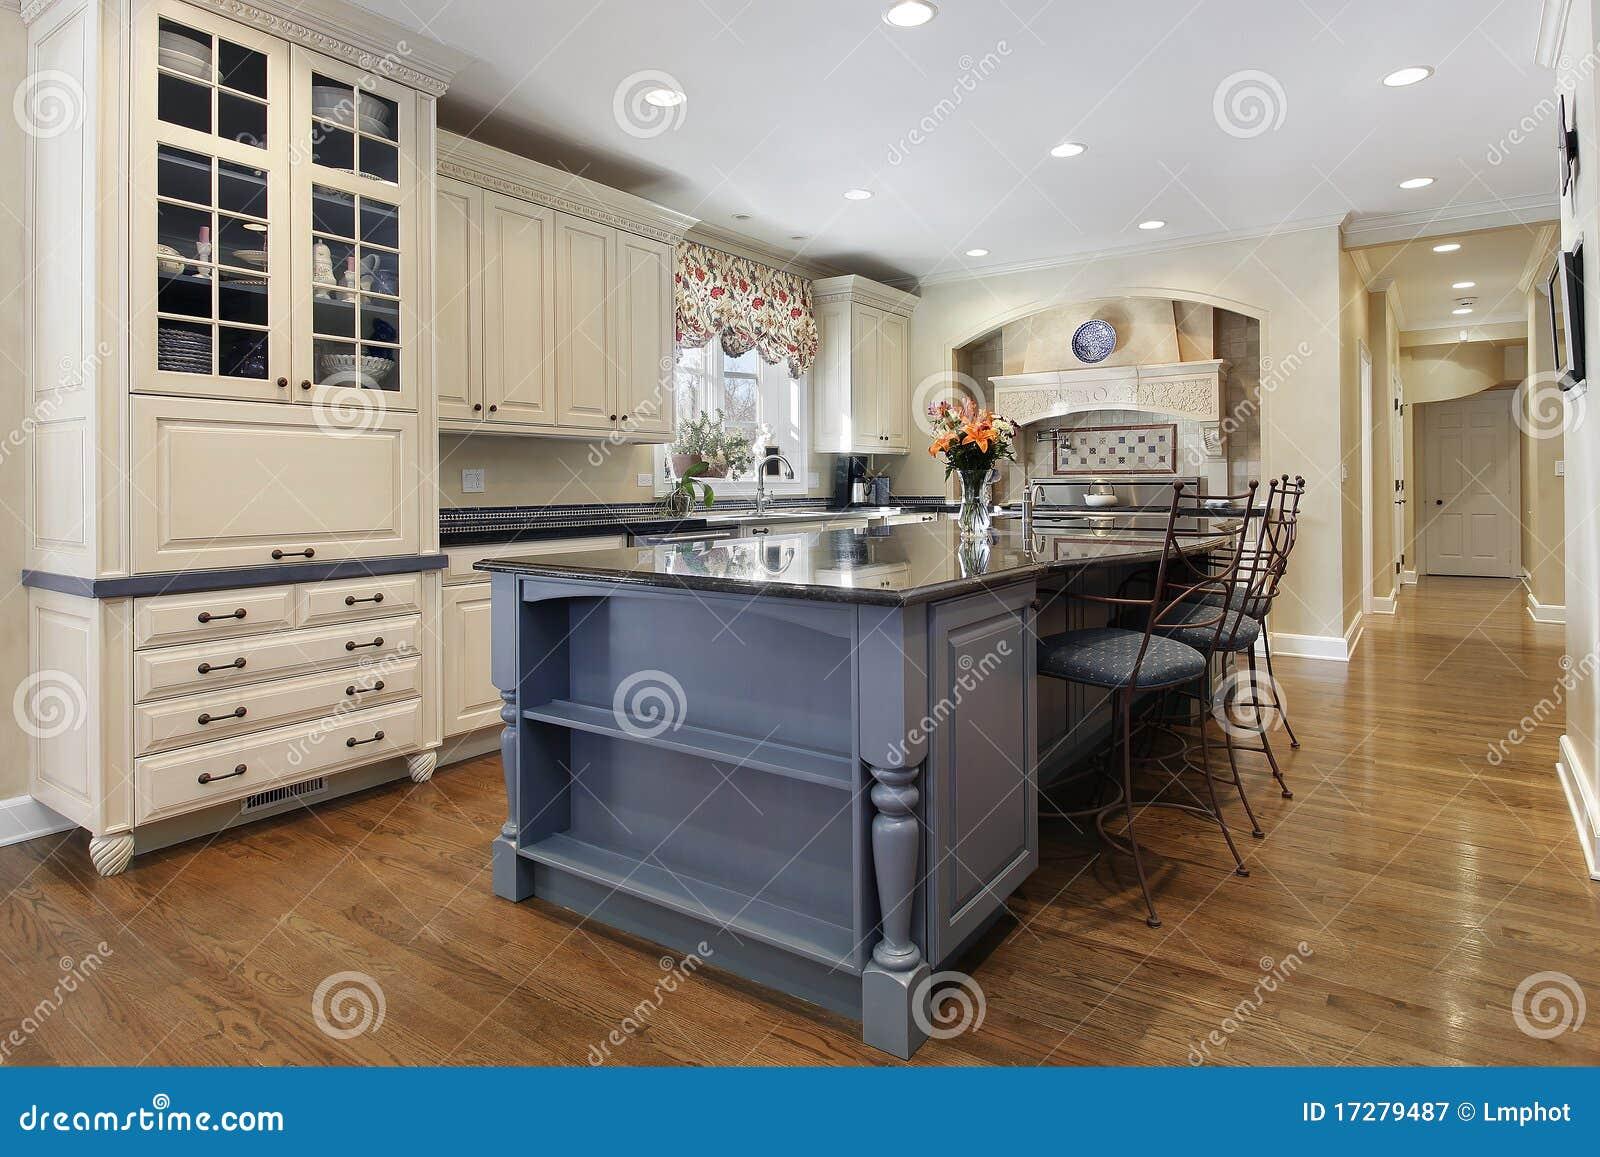 Küche Mit Großer Mittelinsel Stockbild - Bild von auslegung ...